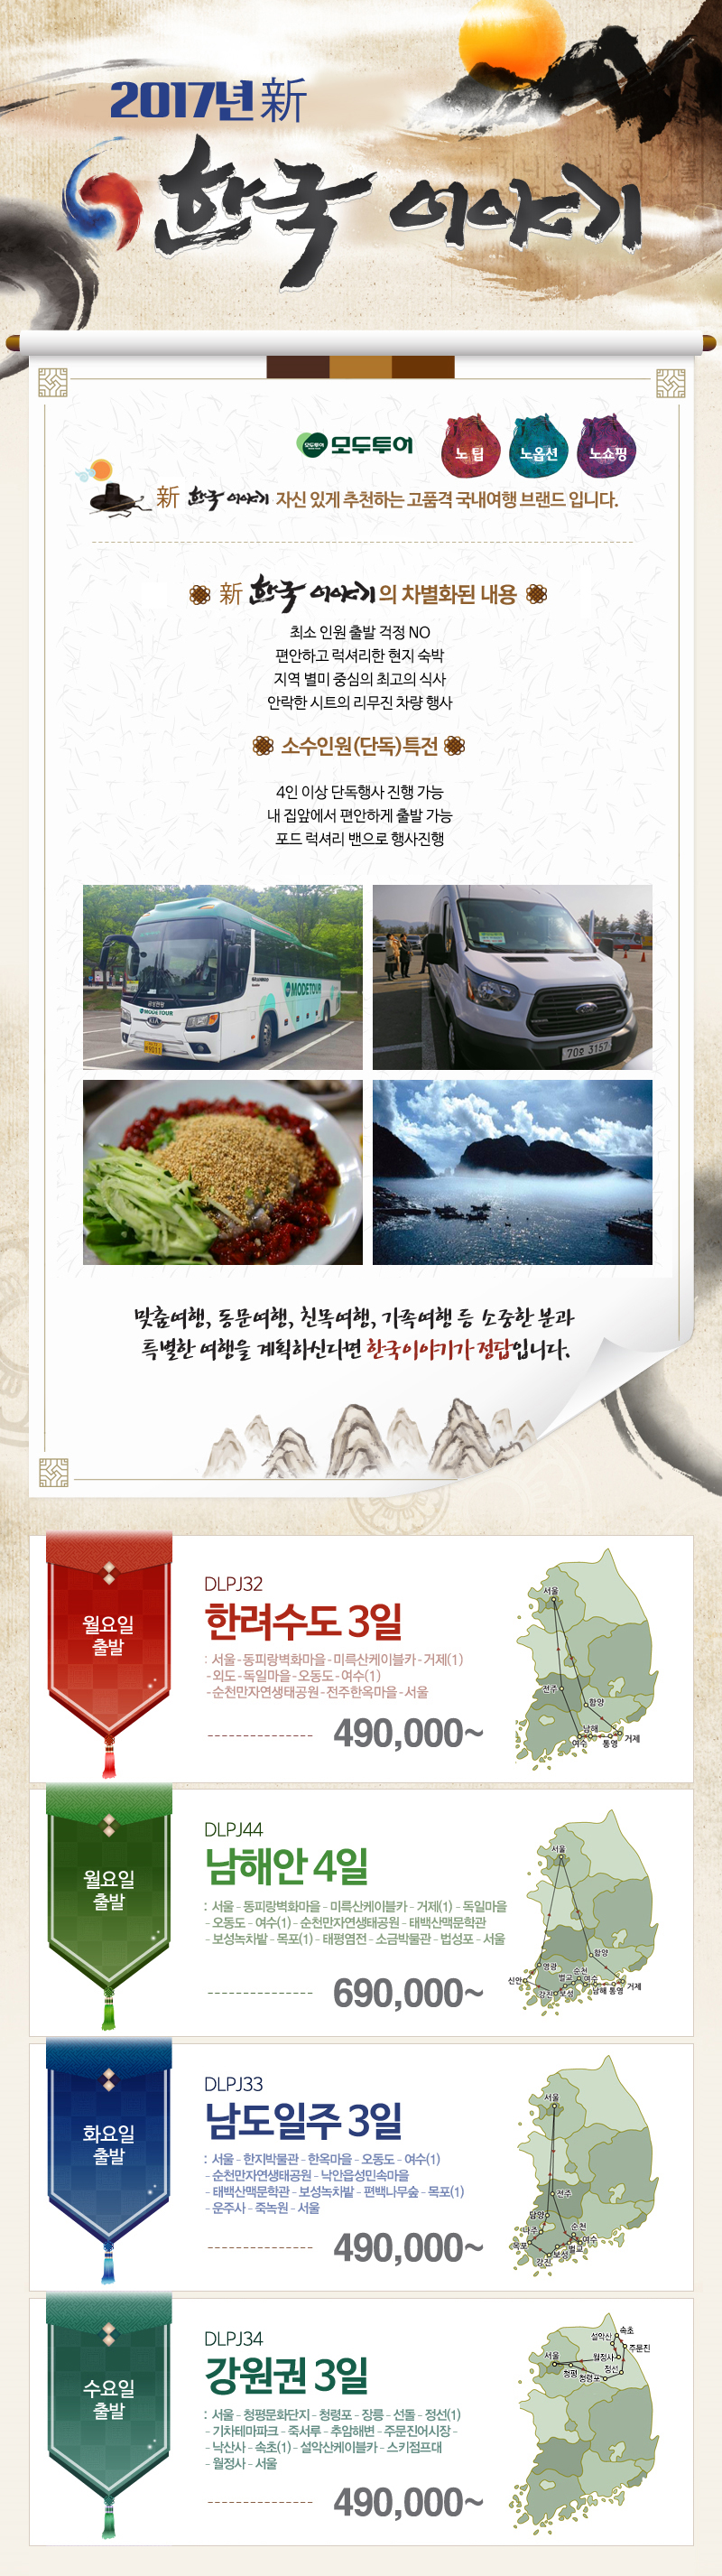 한국 여행의 새로운 시작! 고품격 국내여행 한국이야기!